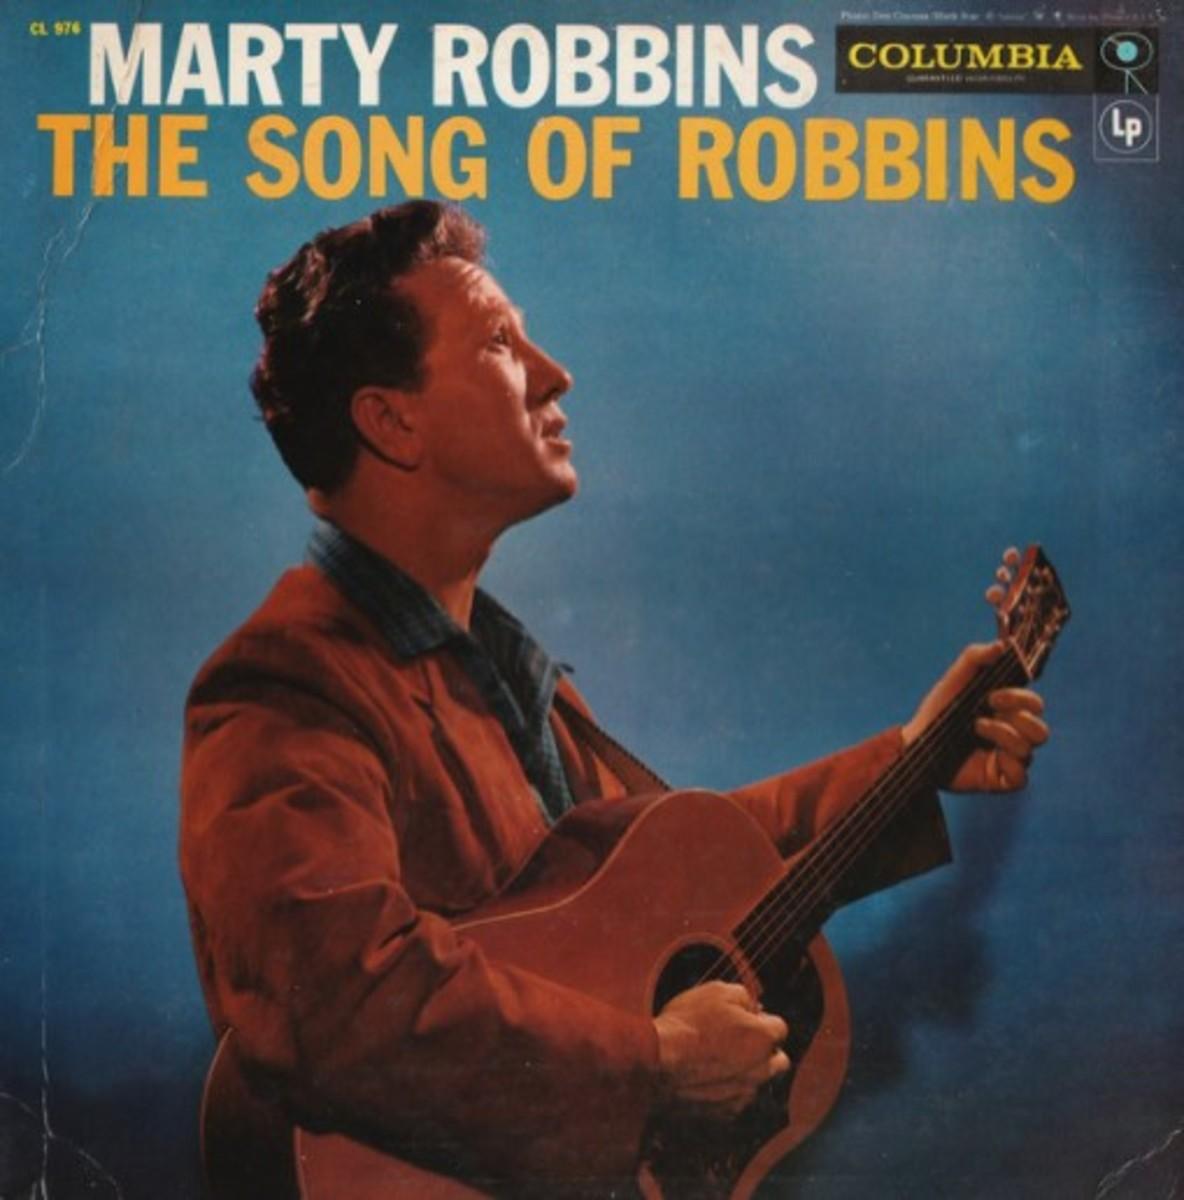 MSB Robbins